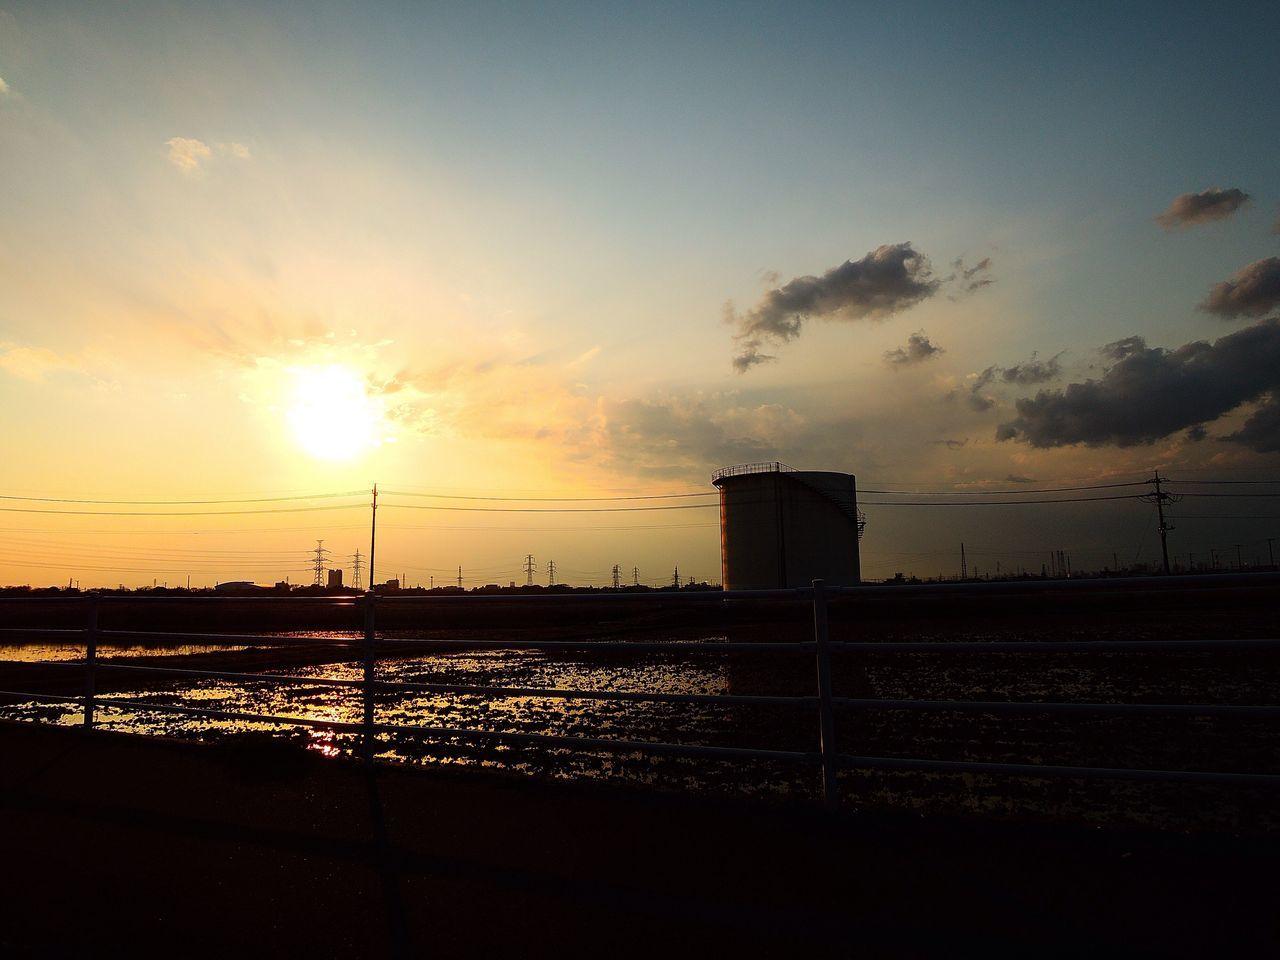 おつかれさま。 Sunset NikonP330 夕暮れ時 Twilight おつかれさま